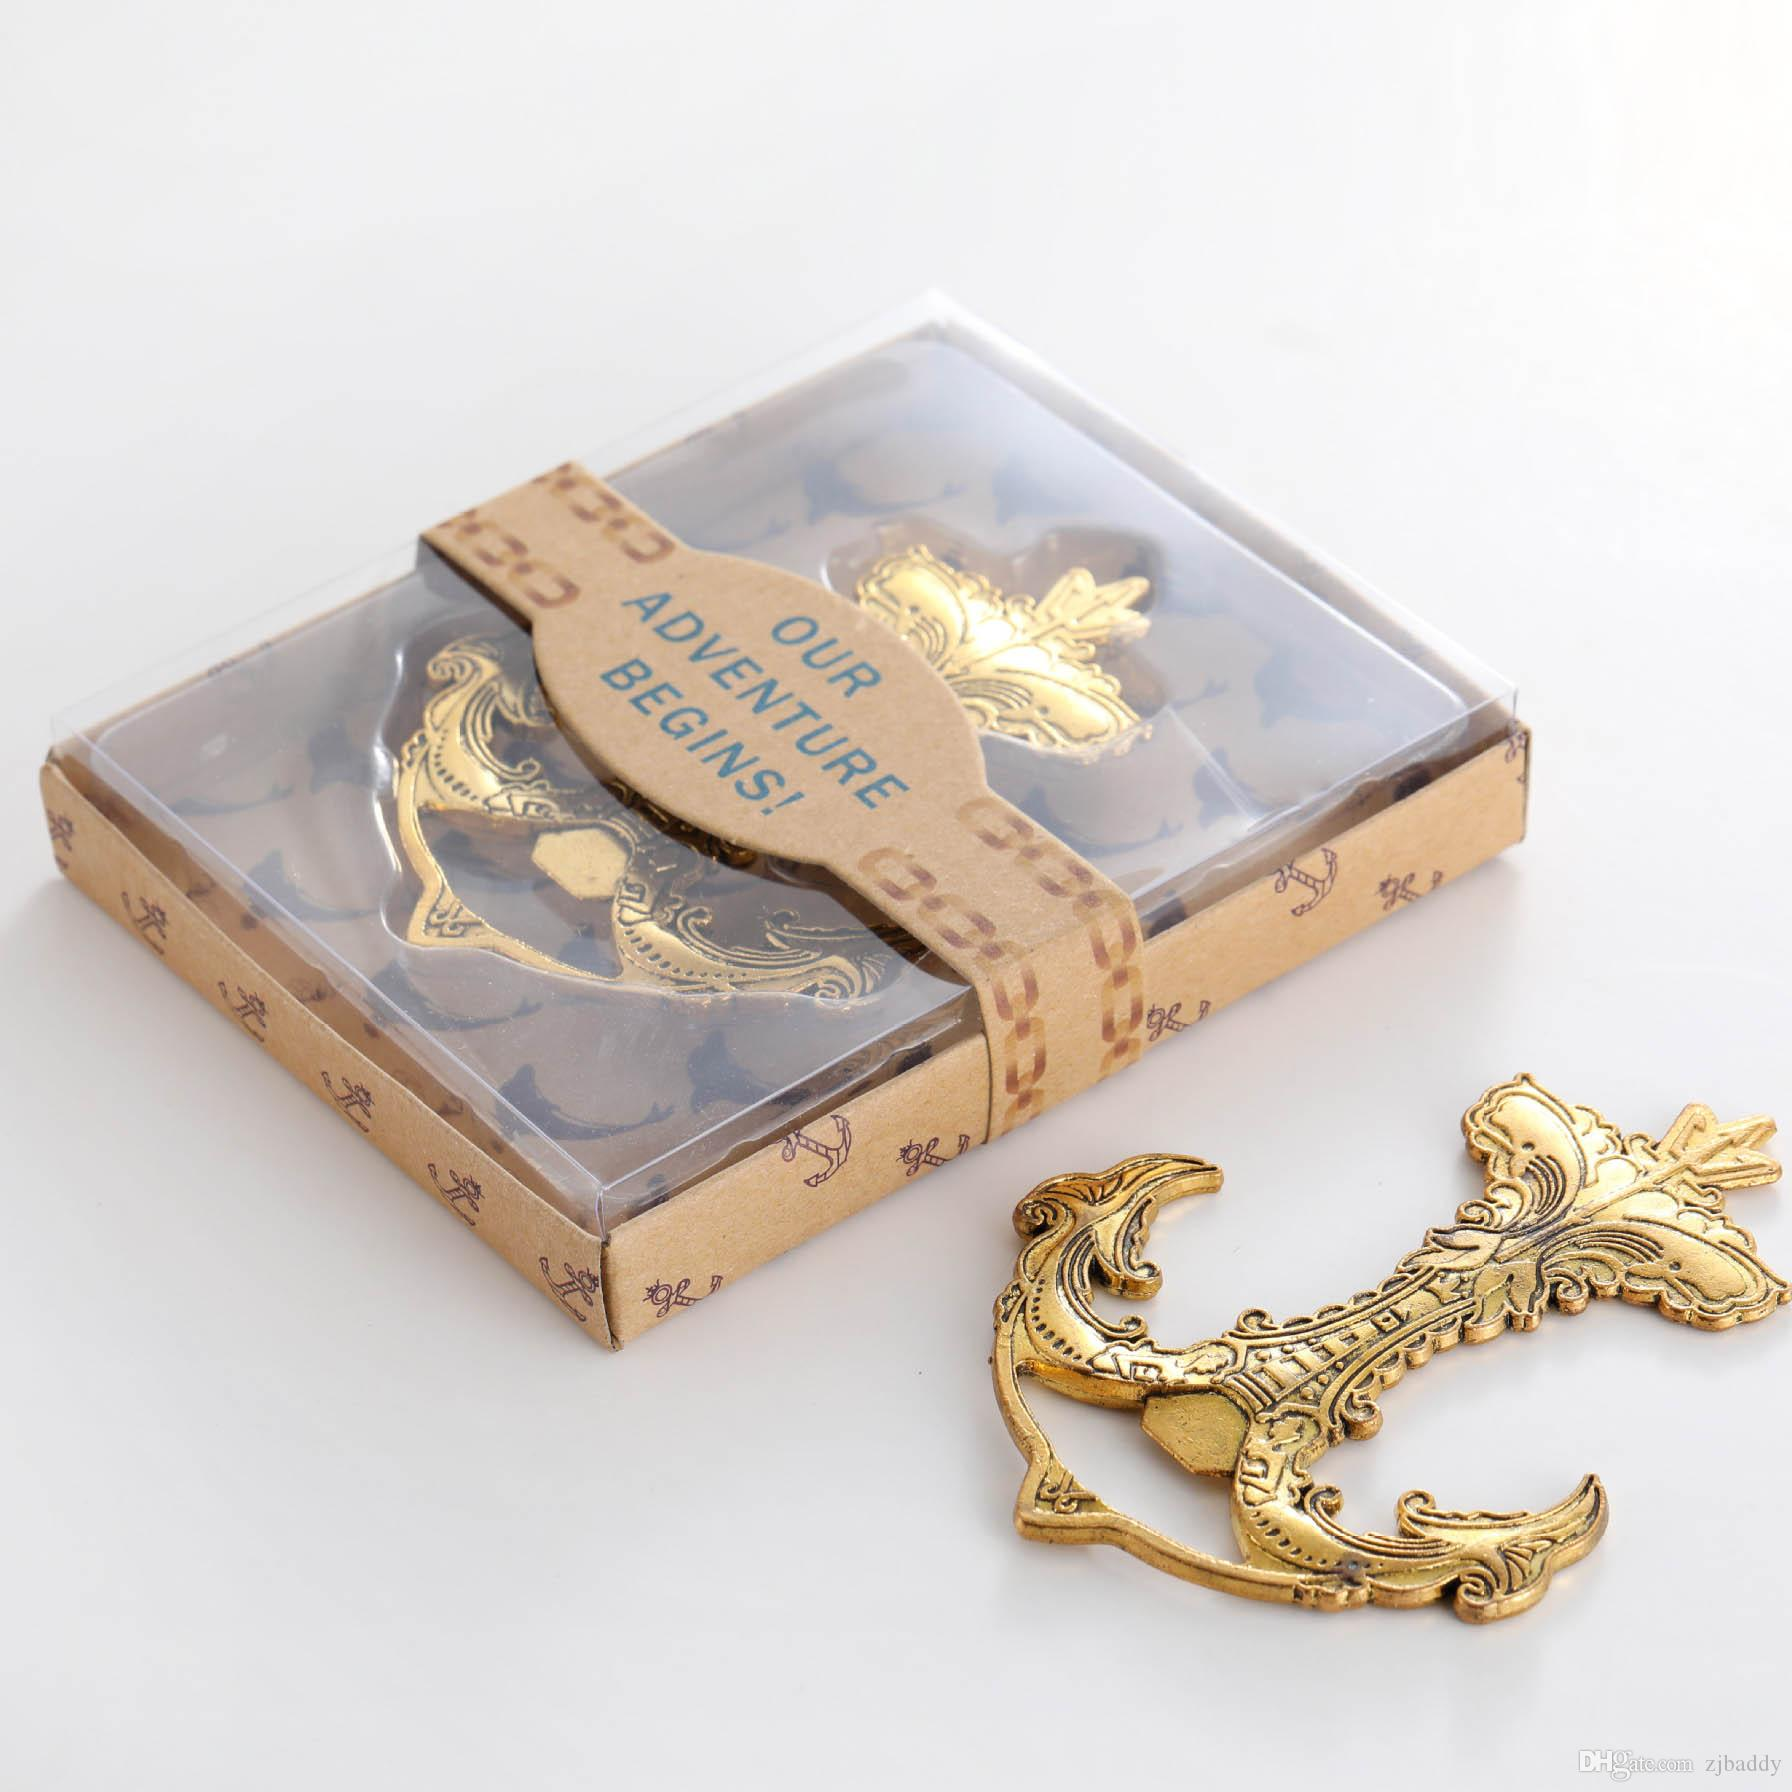 Elegante botella náutico del ancla del oro favores del abrelatas regalos de vuelta de la playa de la boda del cumpleaños recuerdos reducida 50pcs al por mayor